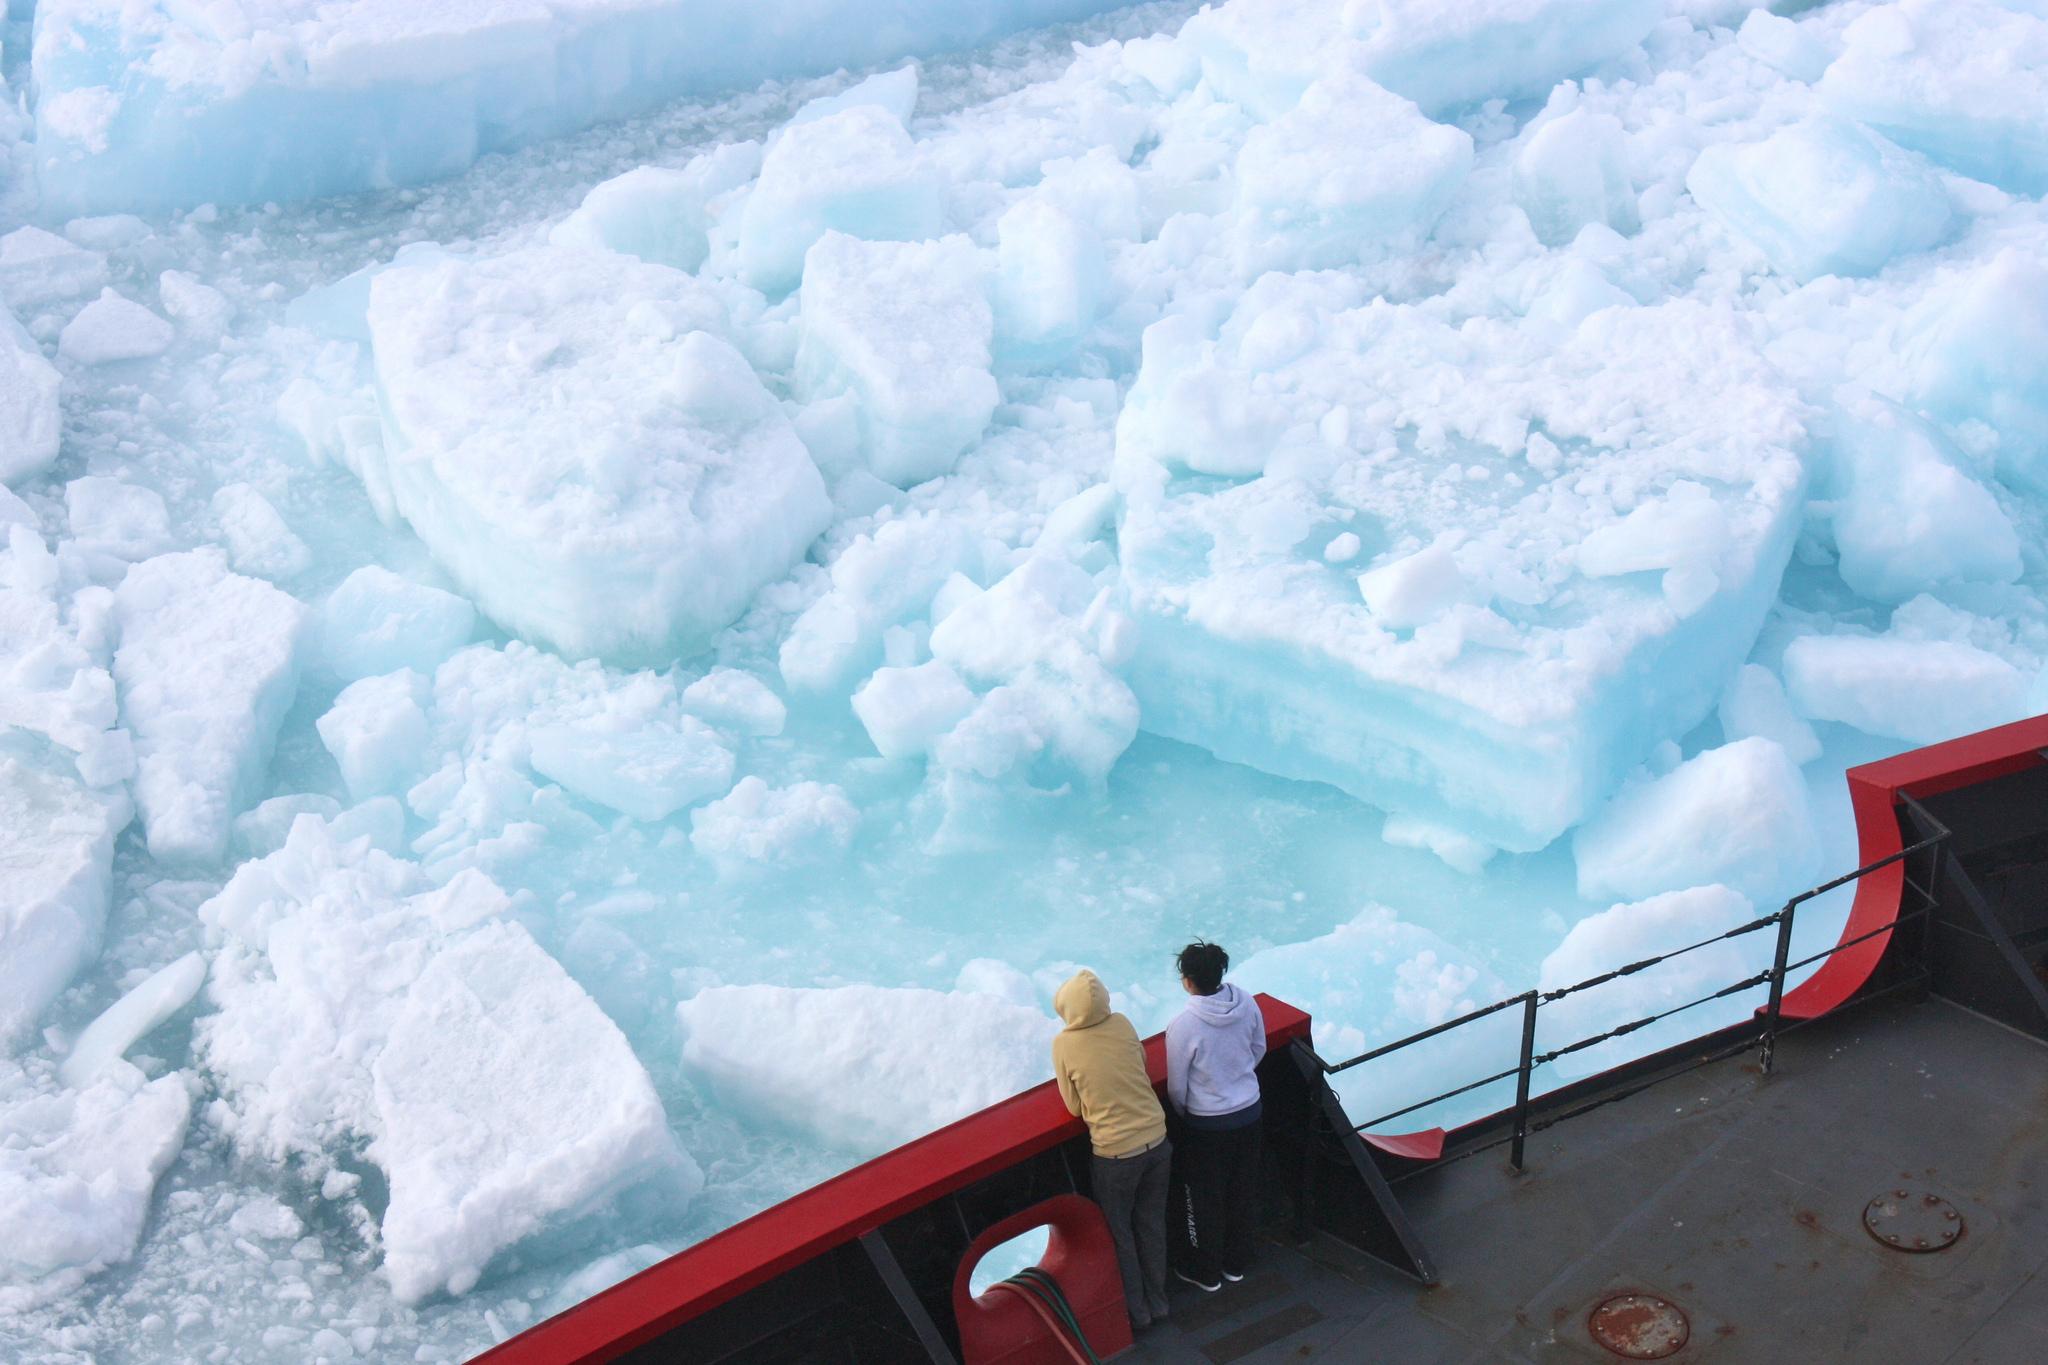 .باحثون ألمان يتناوبون العمل بكشافات ضوئية في القطب الشمالي